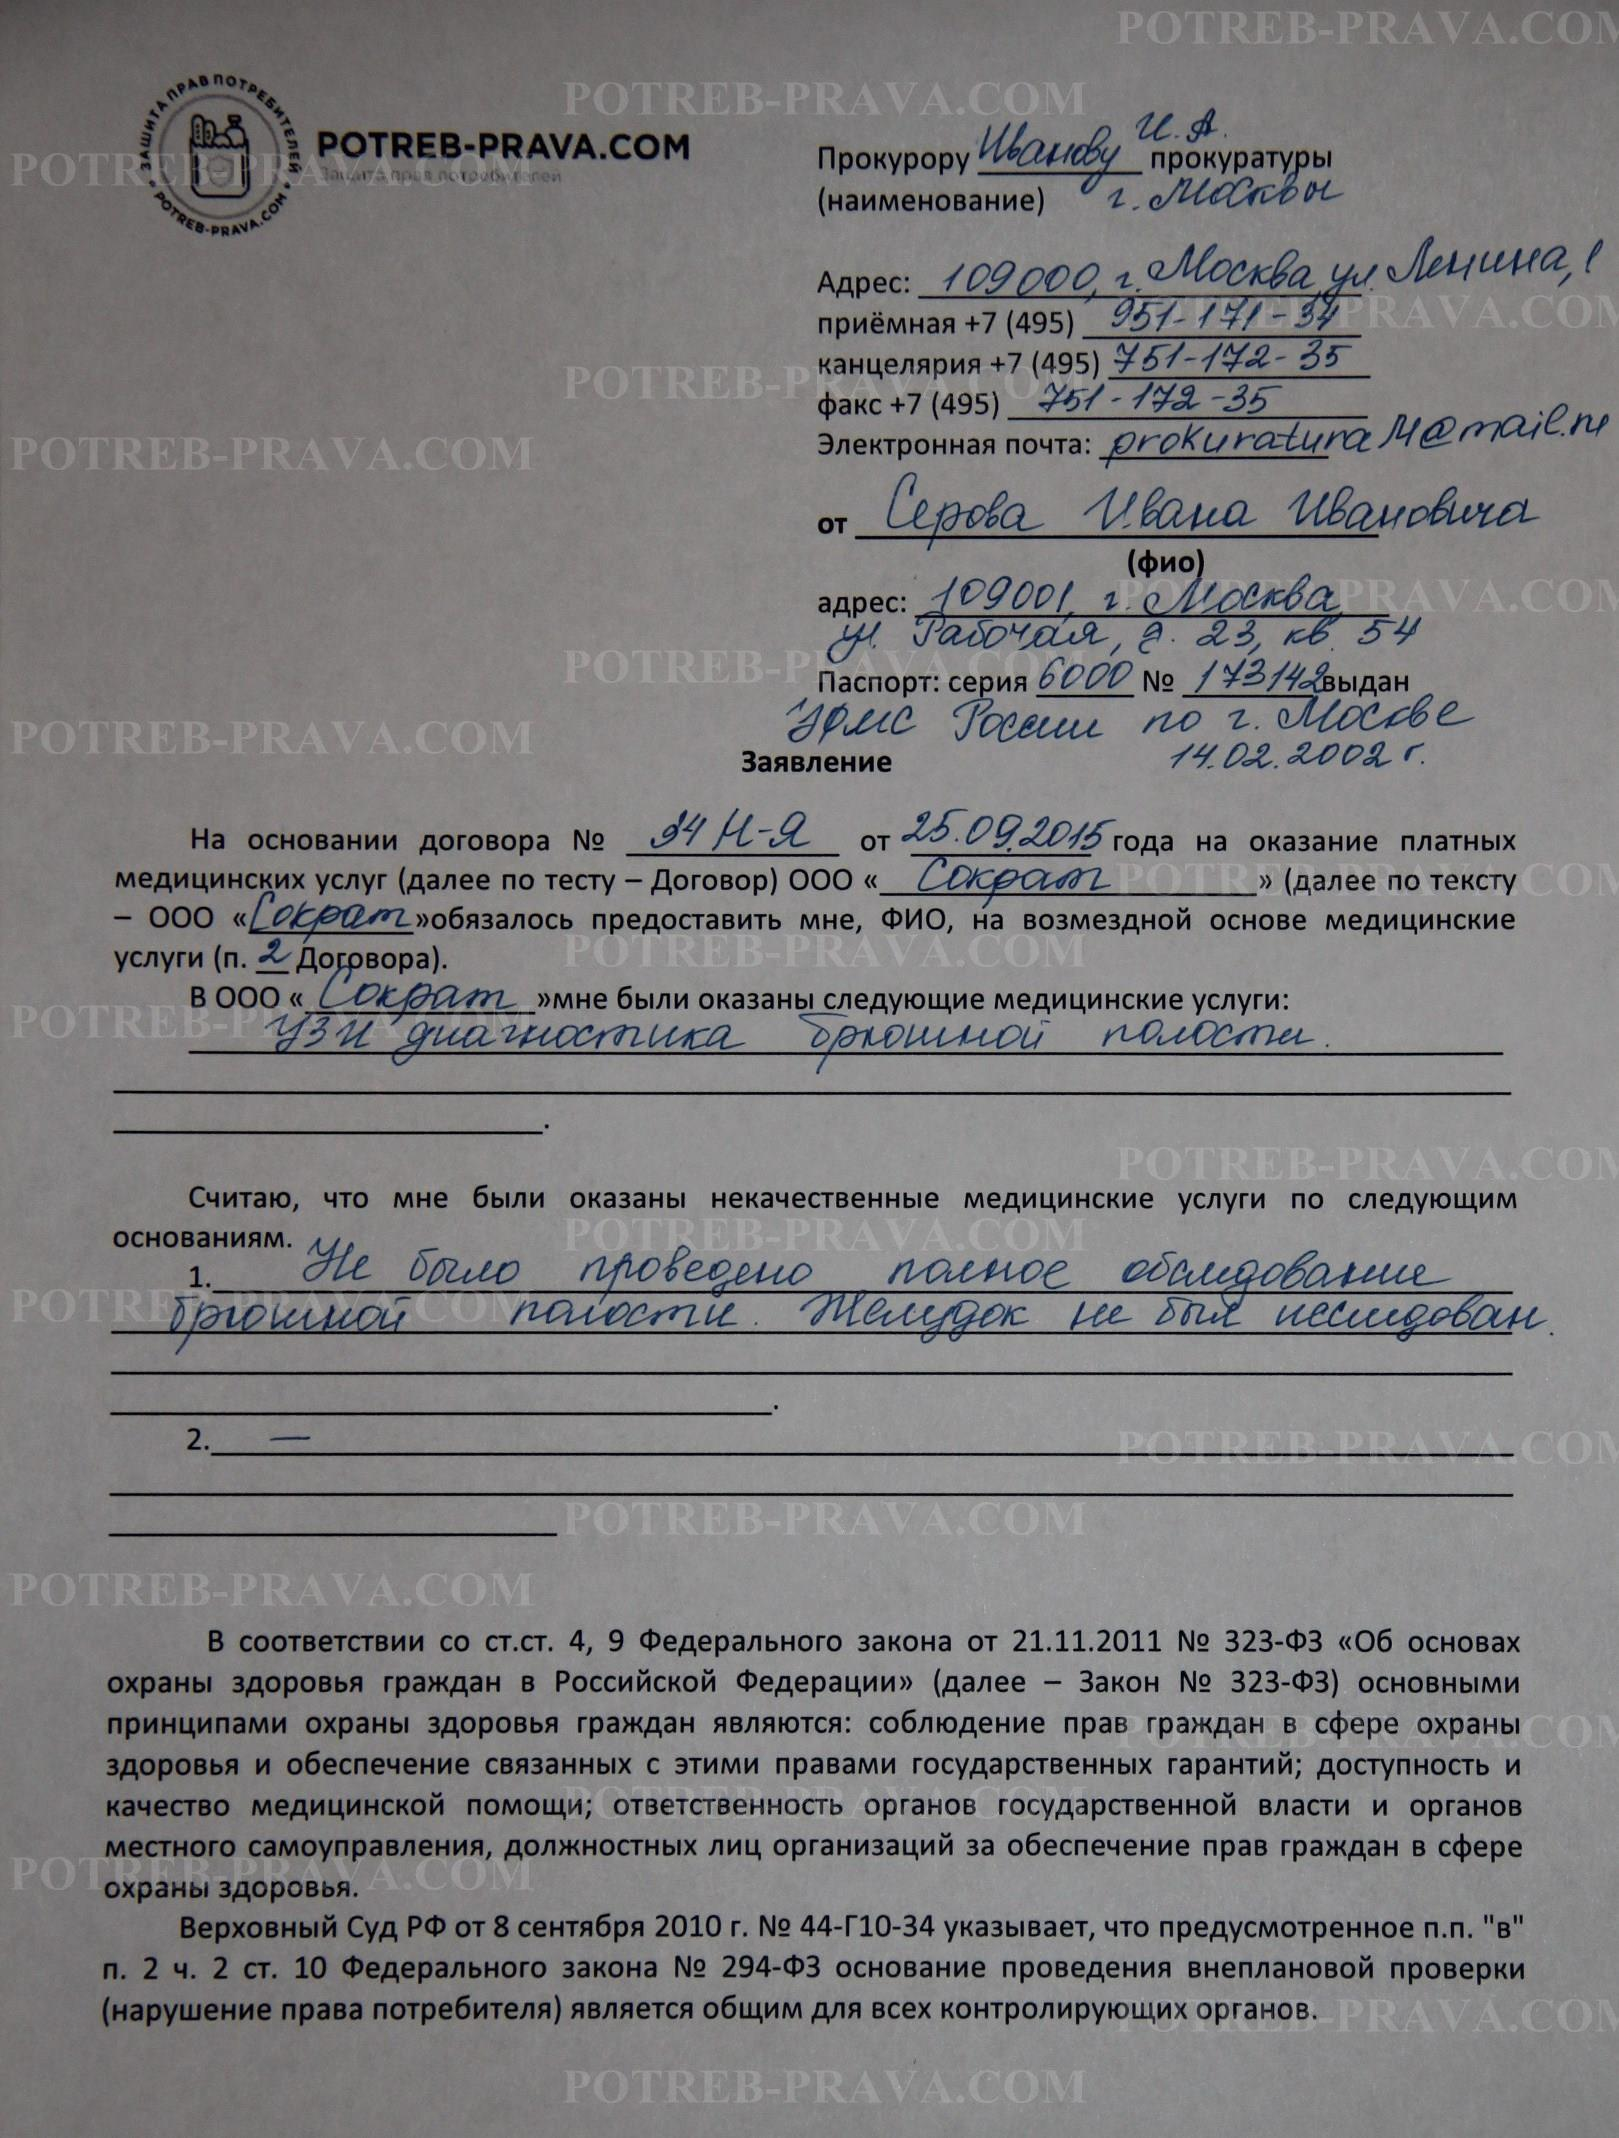 Пример заполнения жалобы в Прокуратуру на работников больницы